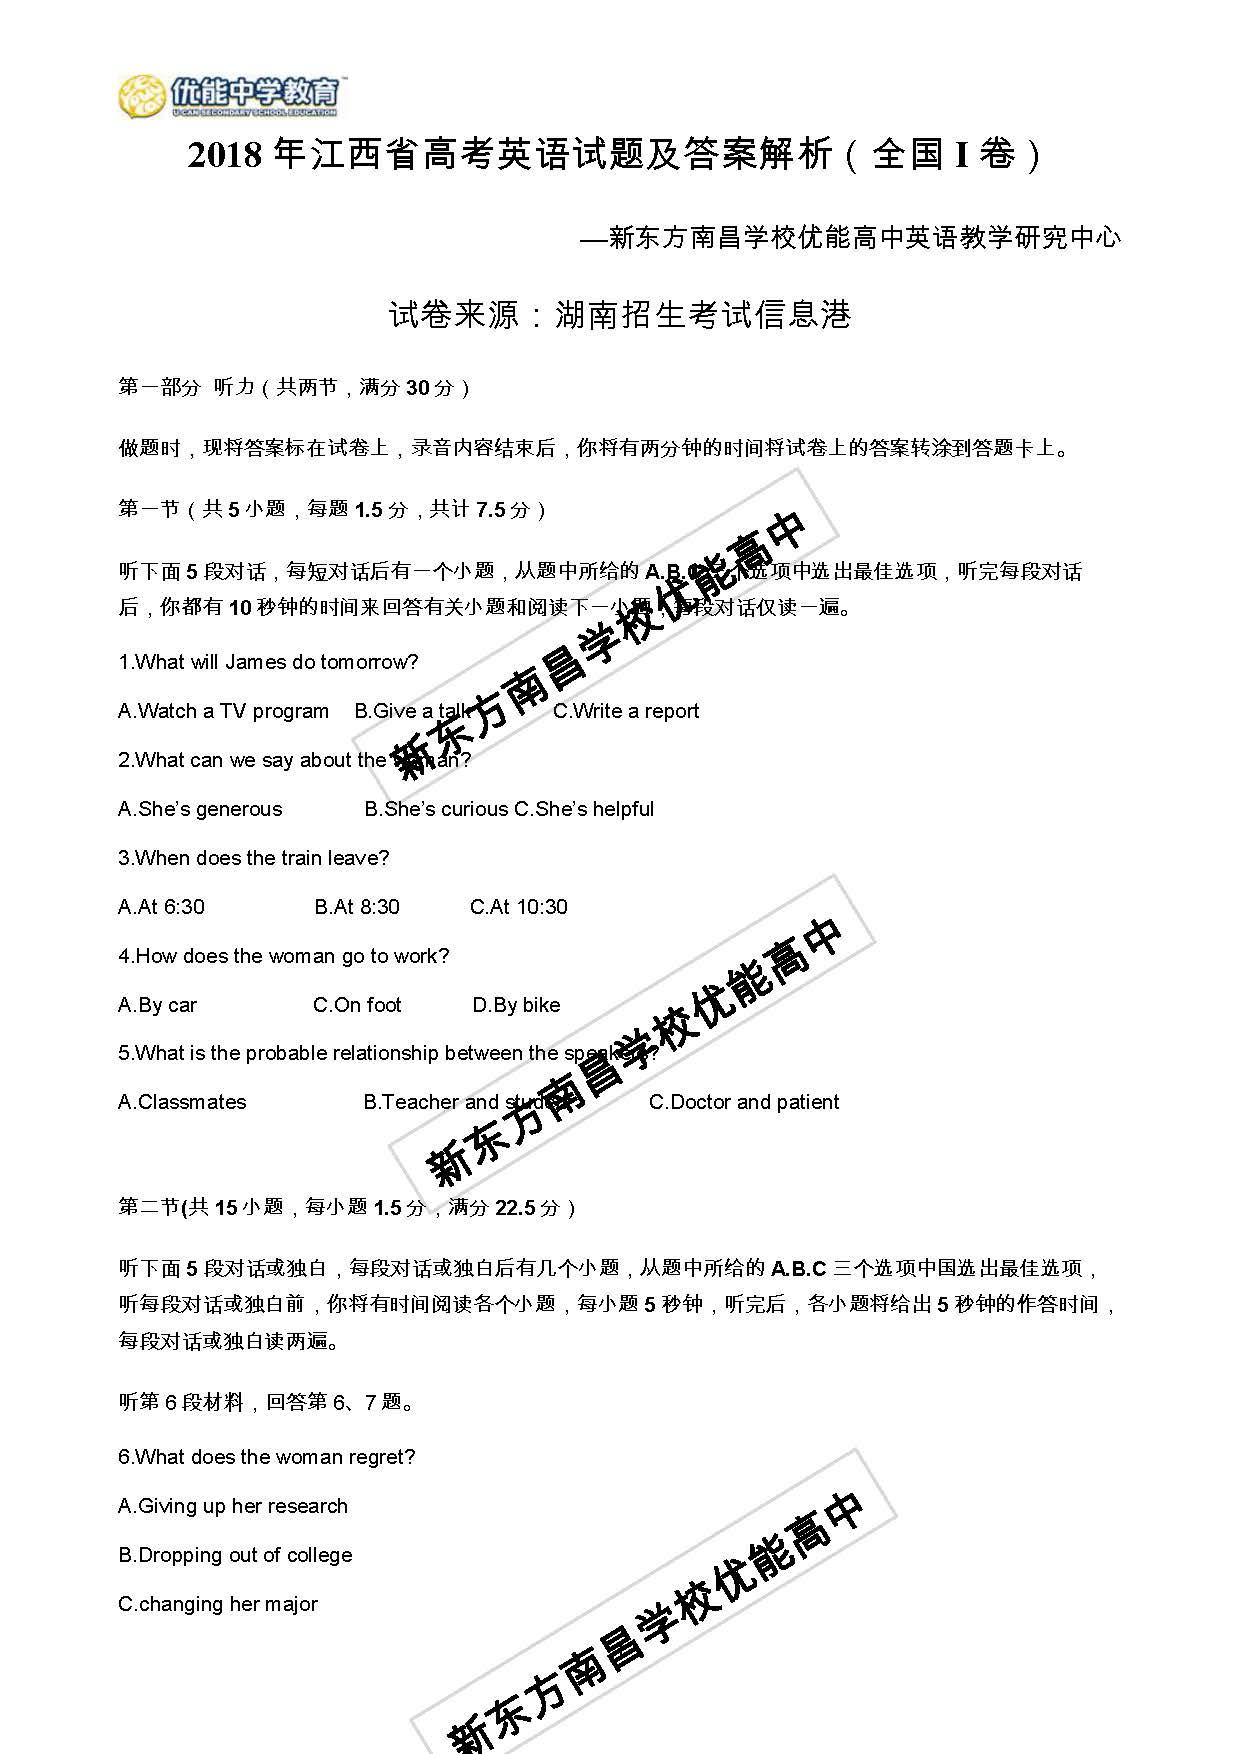 2018全国卷1高考英语试题及答案解析(南昌新东方)